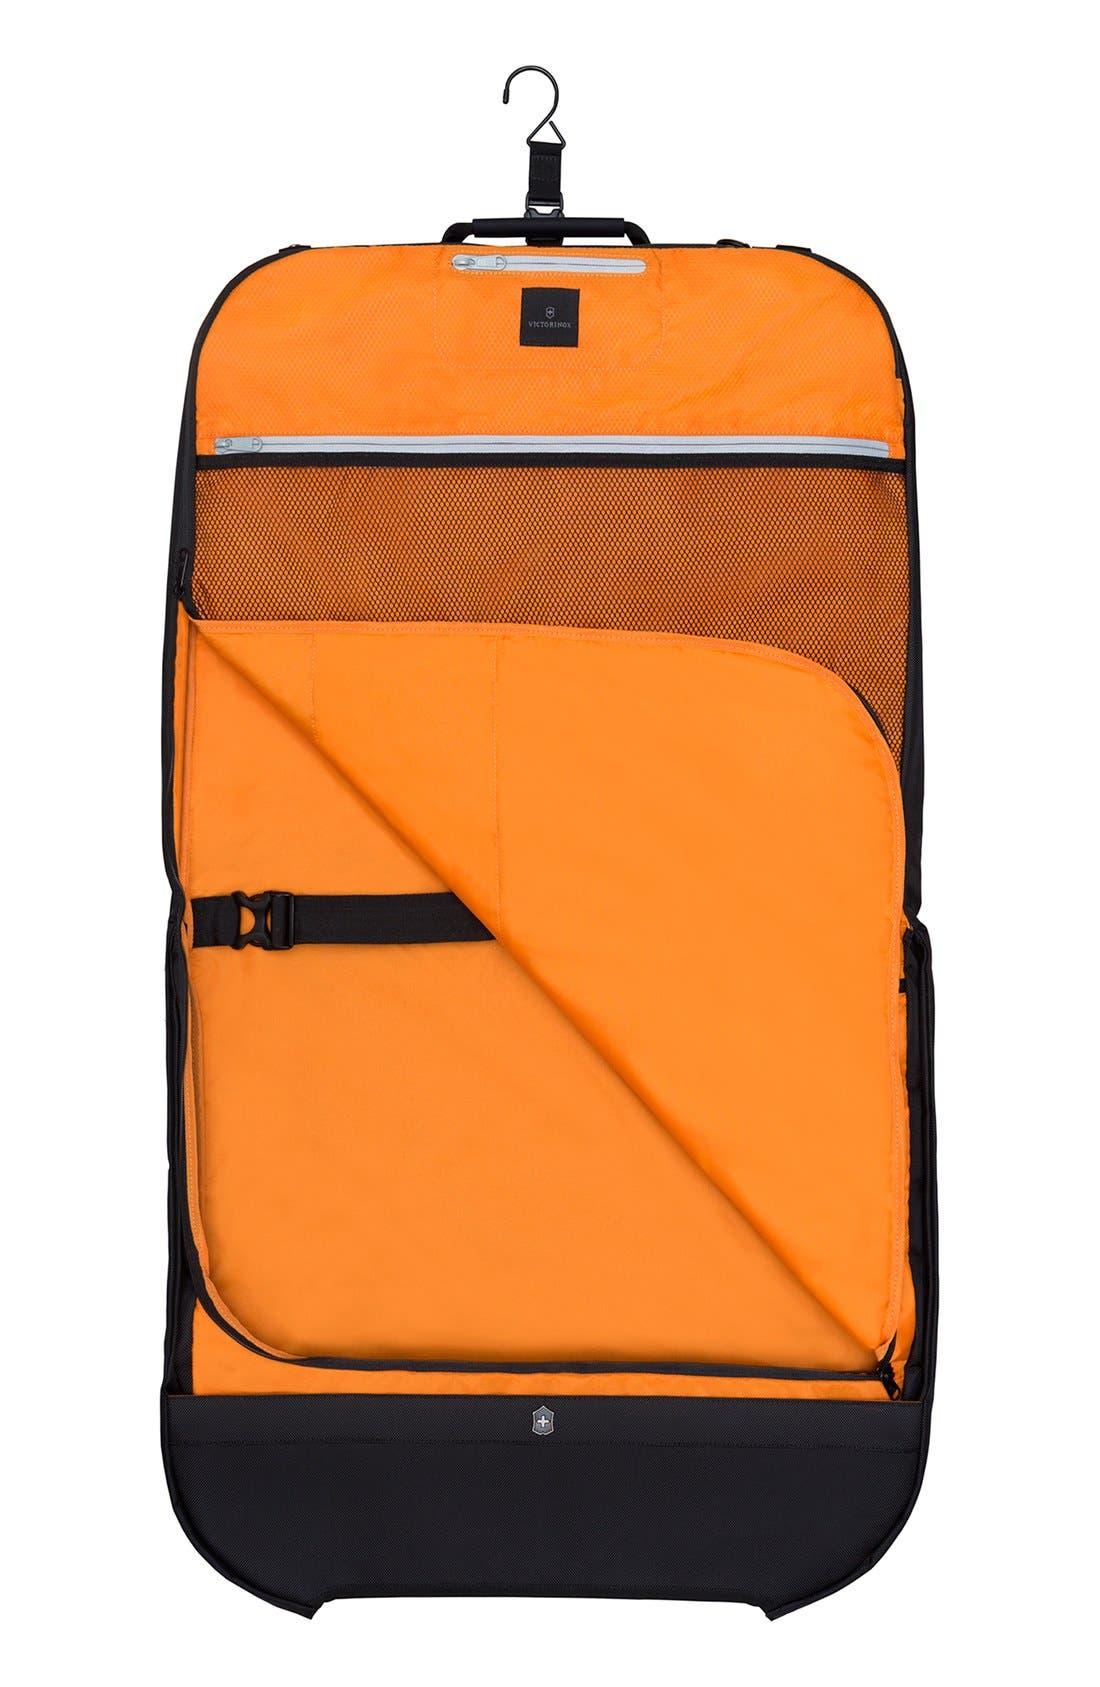 WT 5.0 Deluxe Garment Bag,                             Alternate thumbnail 2, color,                             001